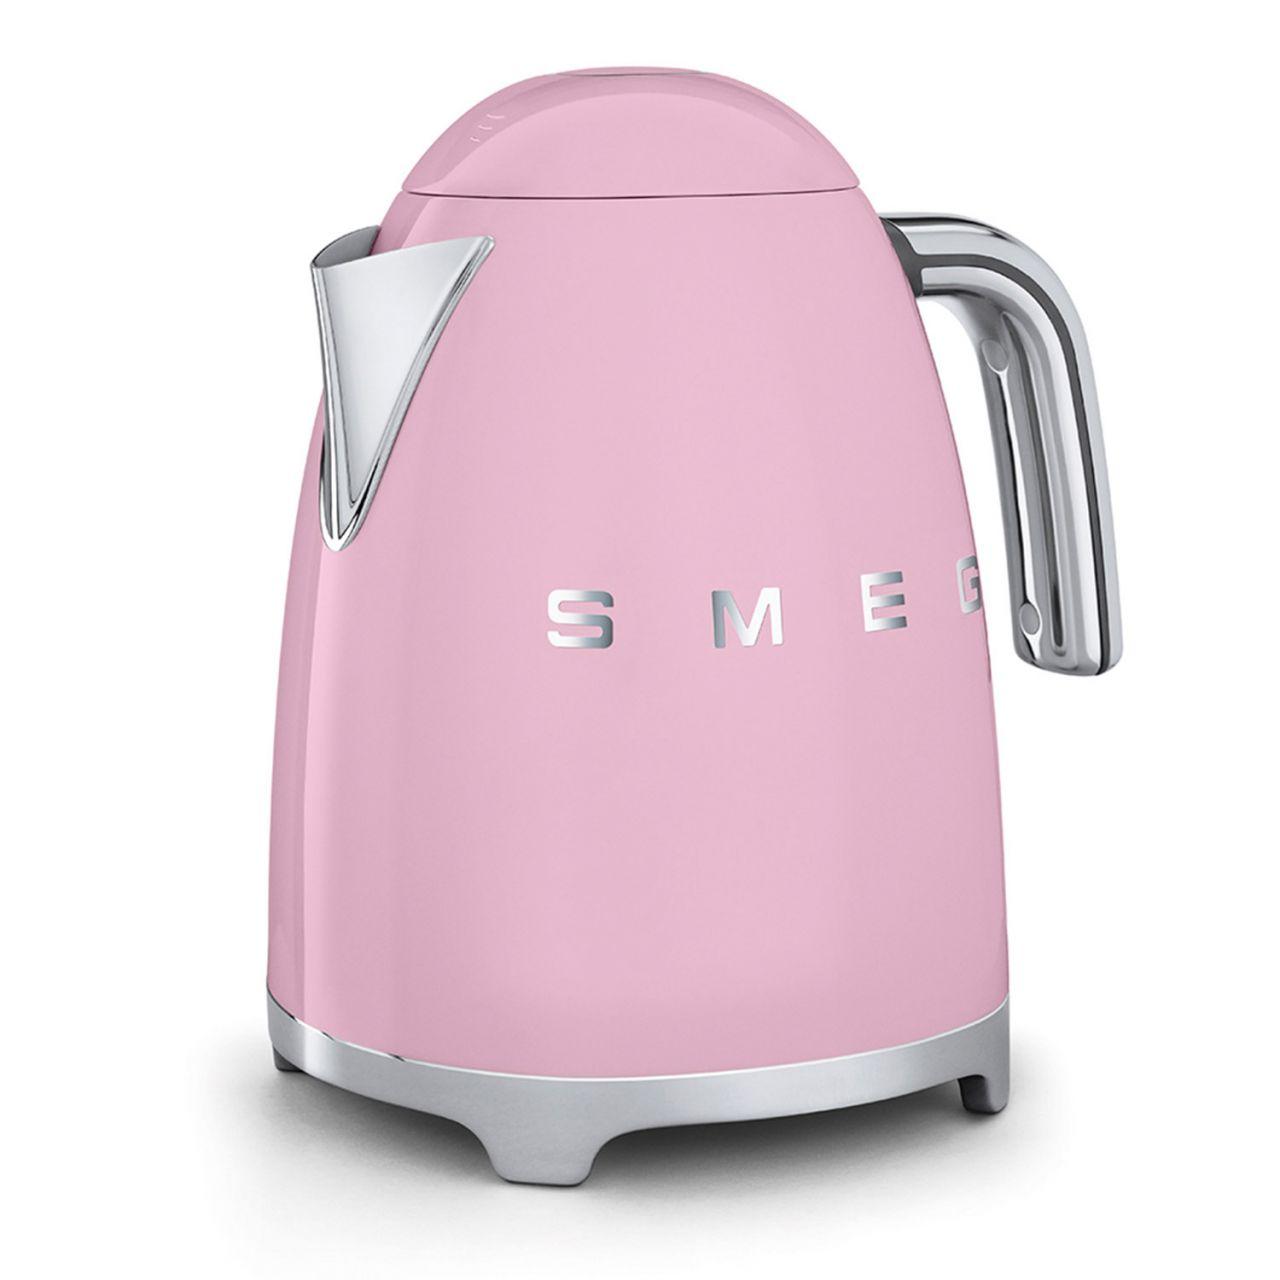 SMEG - KLF01 Wasserkocher